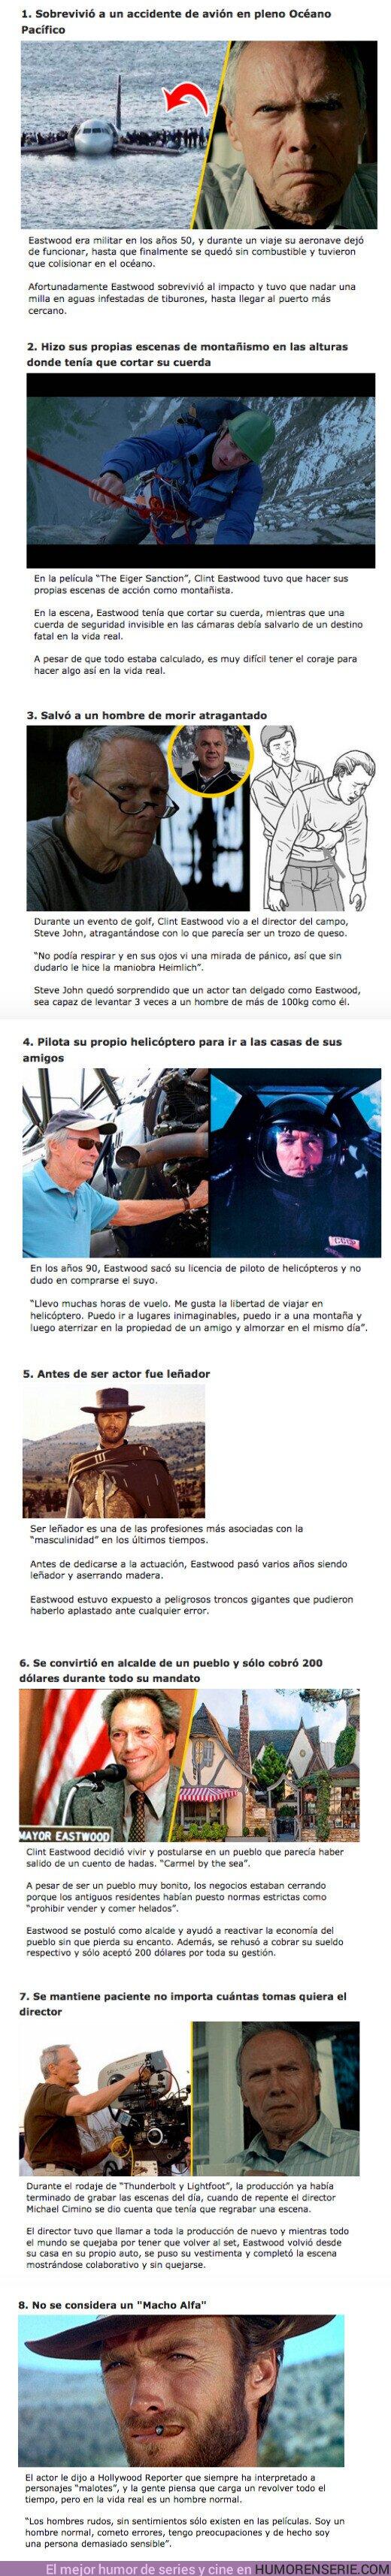 """69971 - GALERÍA: 8 Razones por las que Clint Eastwood es considerado el hombre más """"macho"""" de Hollywood"""